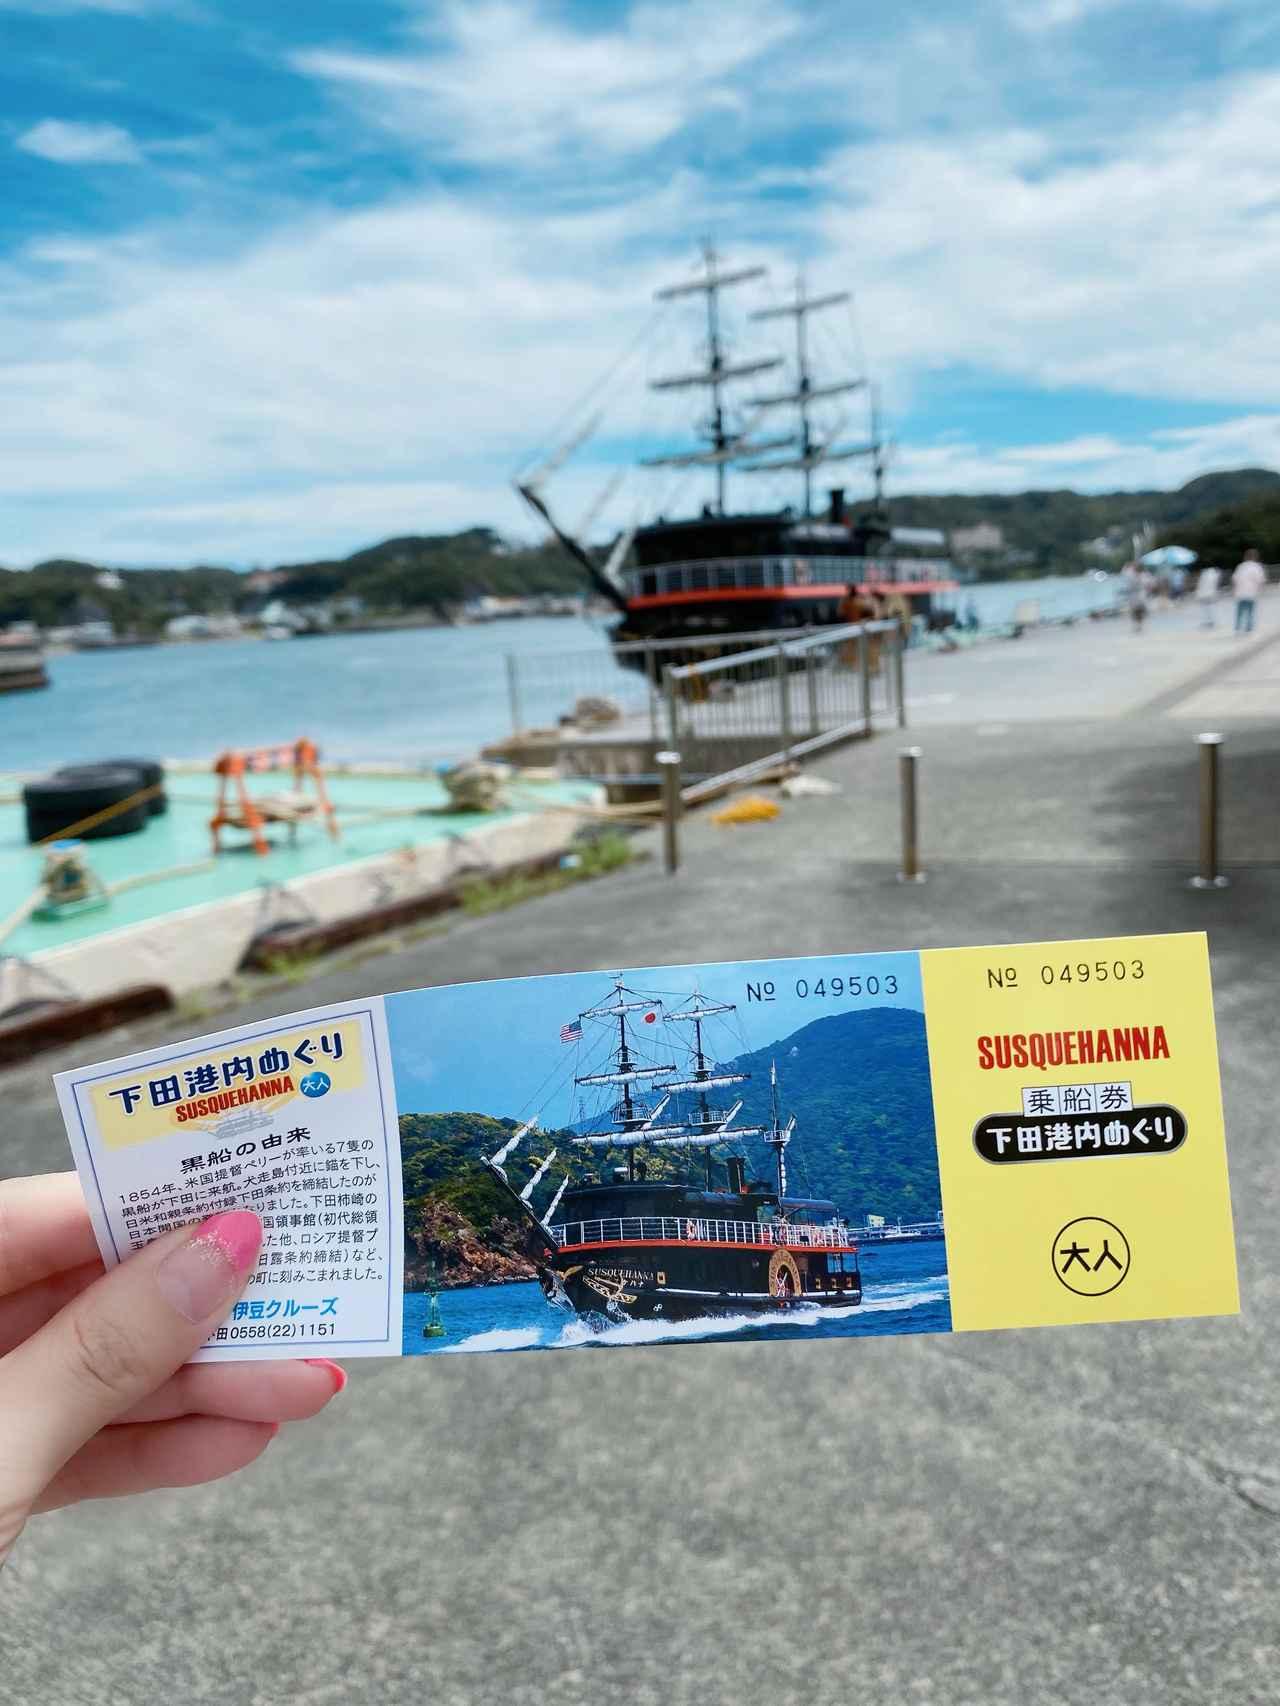 画像3: 黒船でタイムスリップ♡日本開国の舞台「下田港巡り」